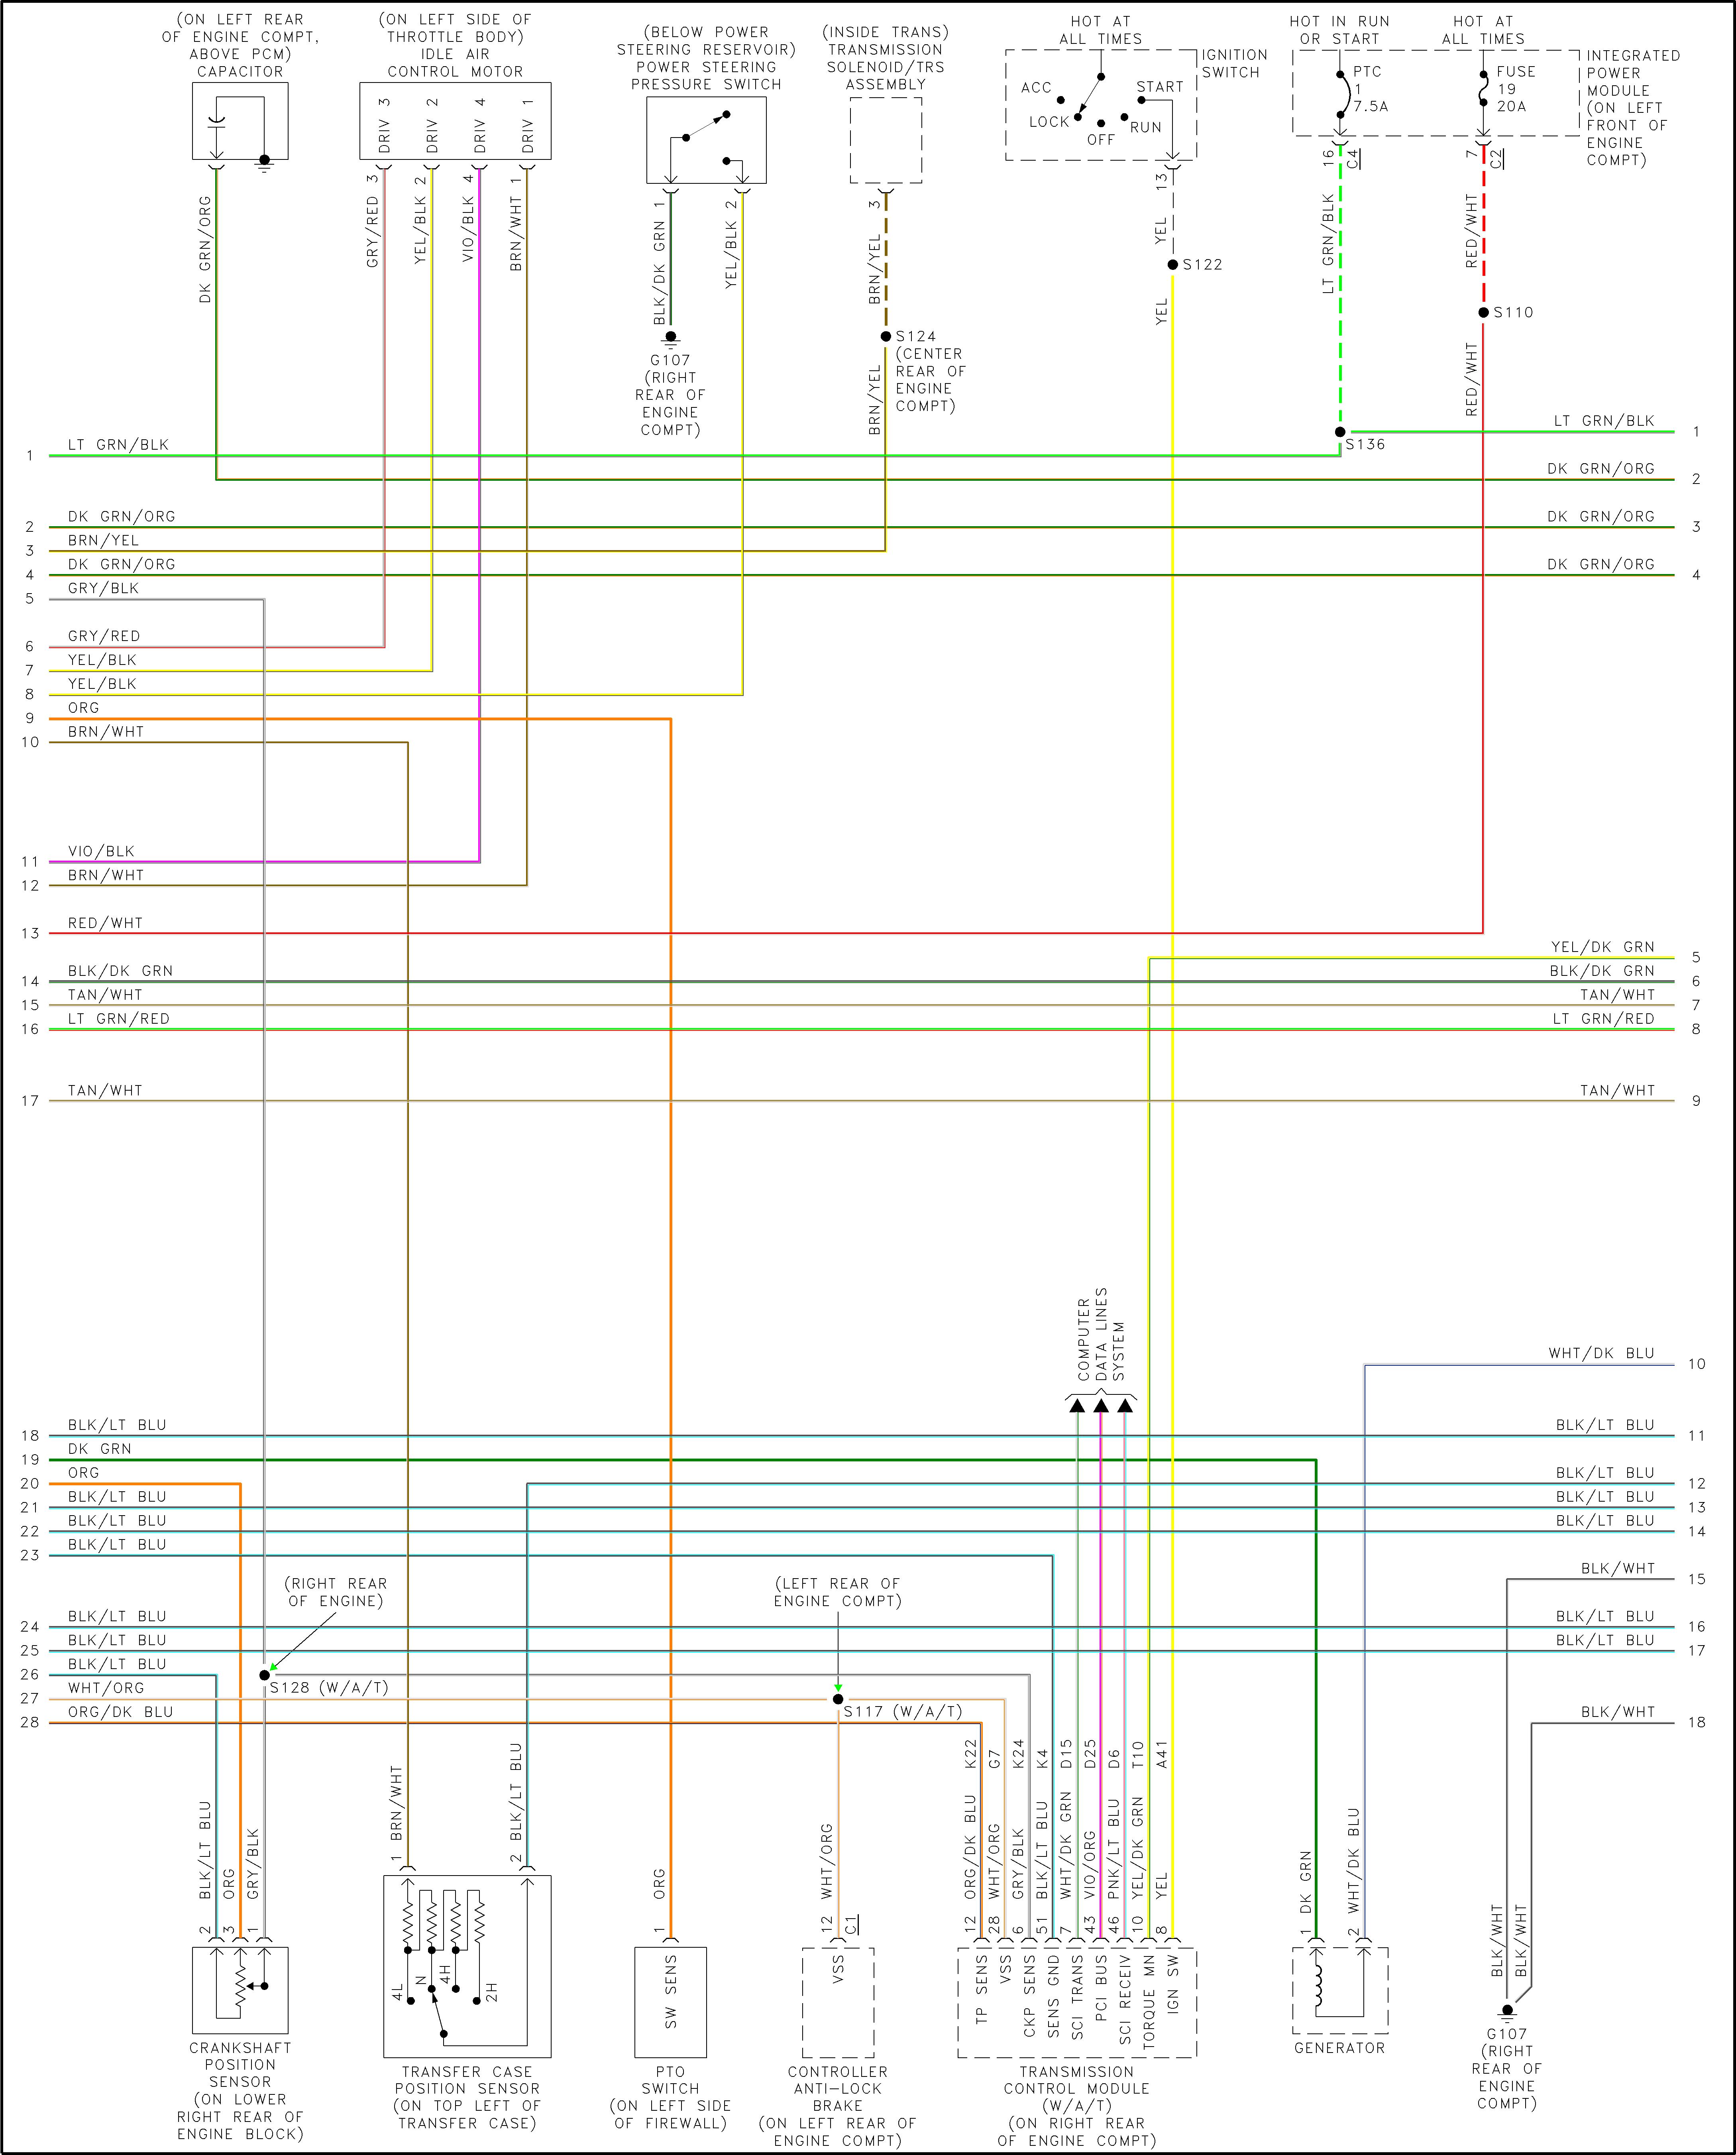 488d00f5-4d1c-42d8-8dad-8fd413f27e08_1500pcm2.png